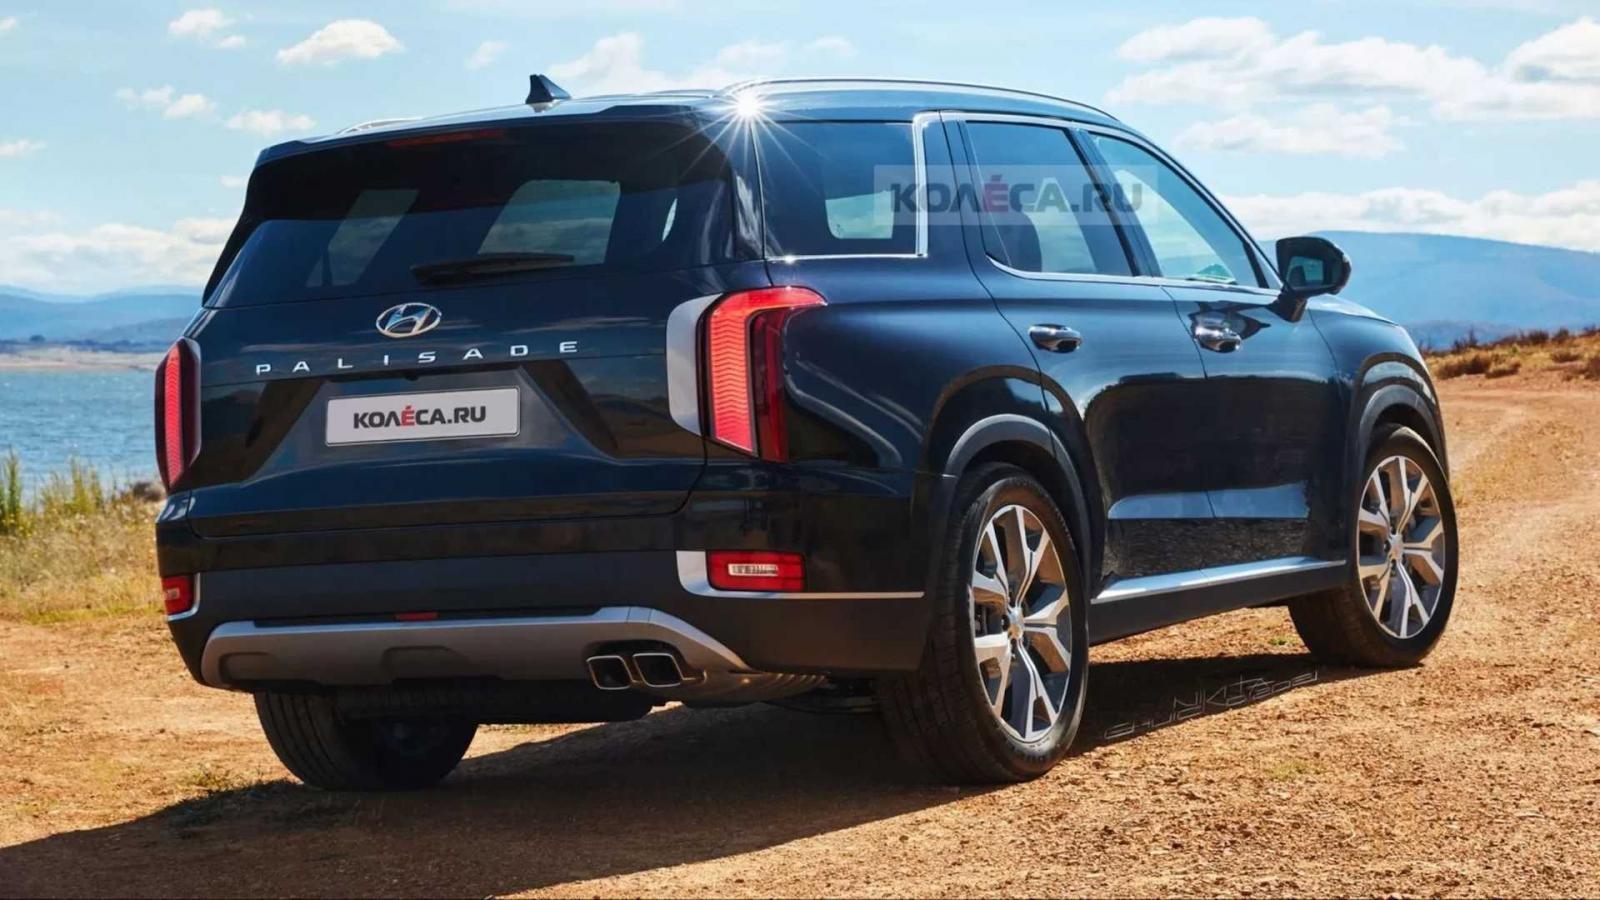 """Ảnh dựng Hyundai Palisade 2022 chân thực """"chuẩn HD"""" cho người hâm mộ xem trước thiết kế xe."""